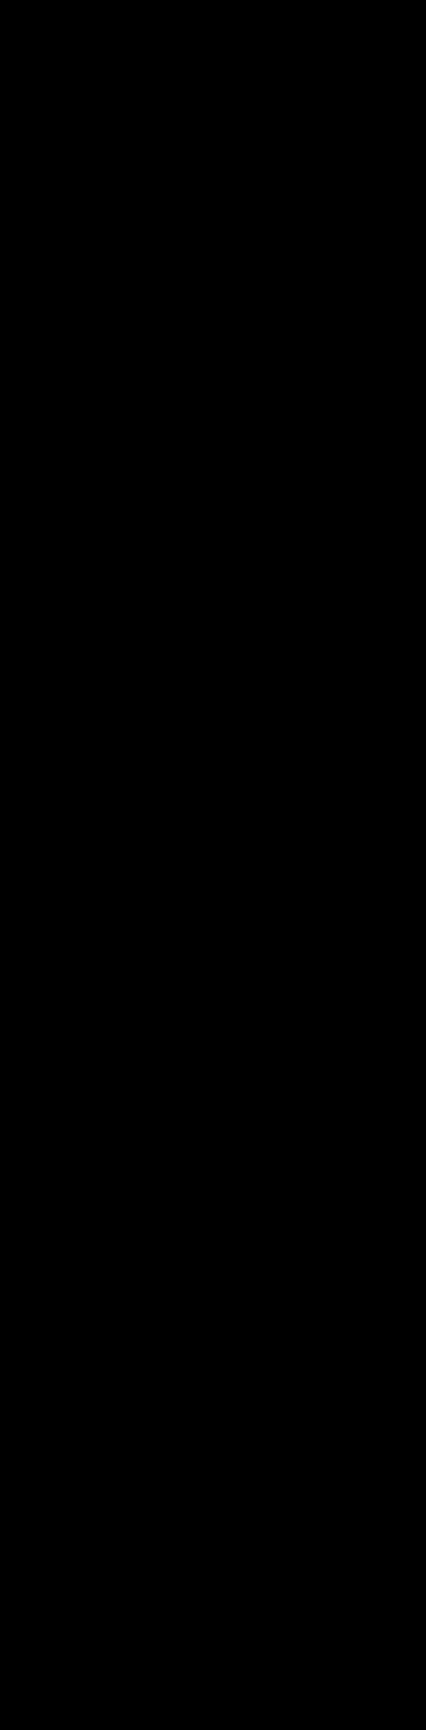 คอร์ดกีตาร์ ง่าย คอร์ดกีต้า เพลง ชาวนาอาลัย